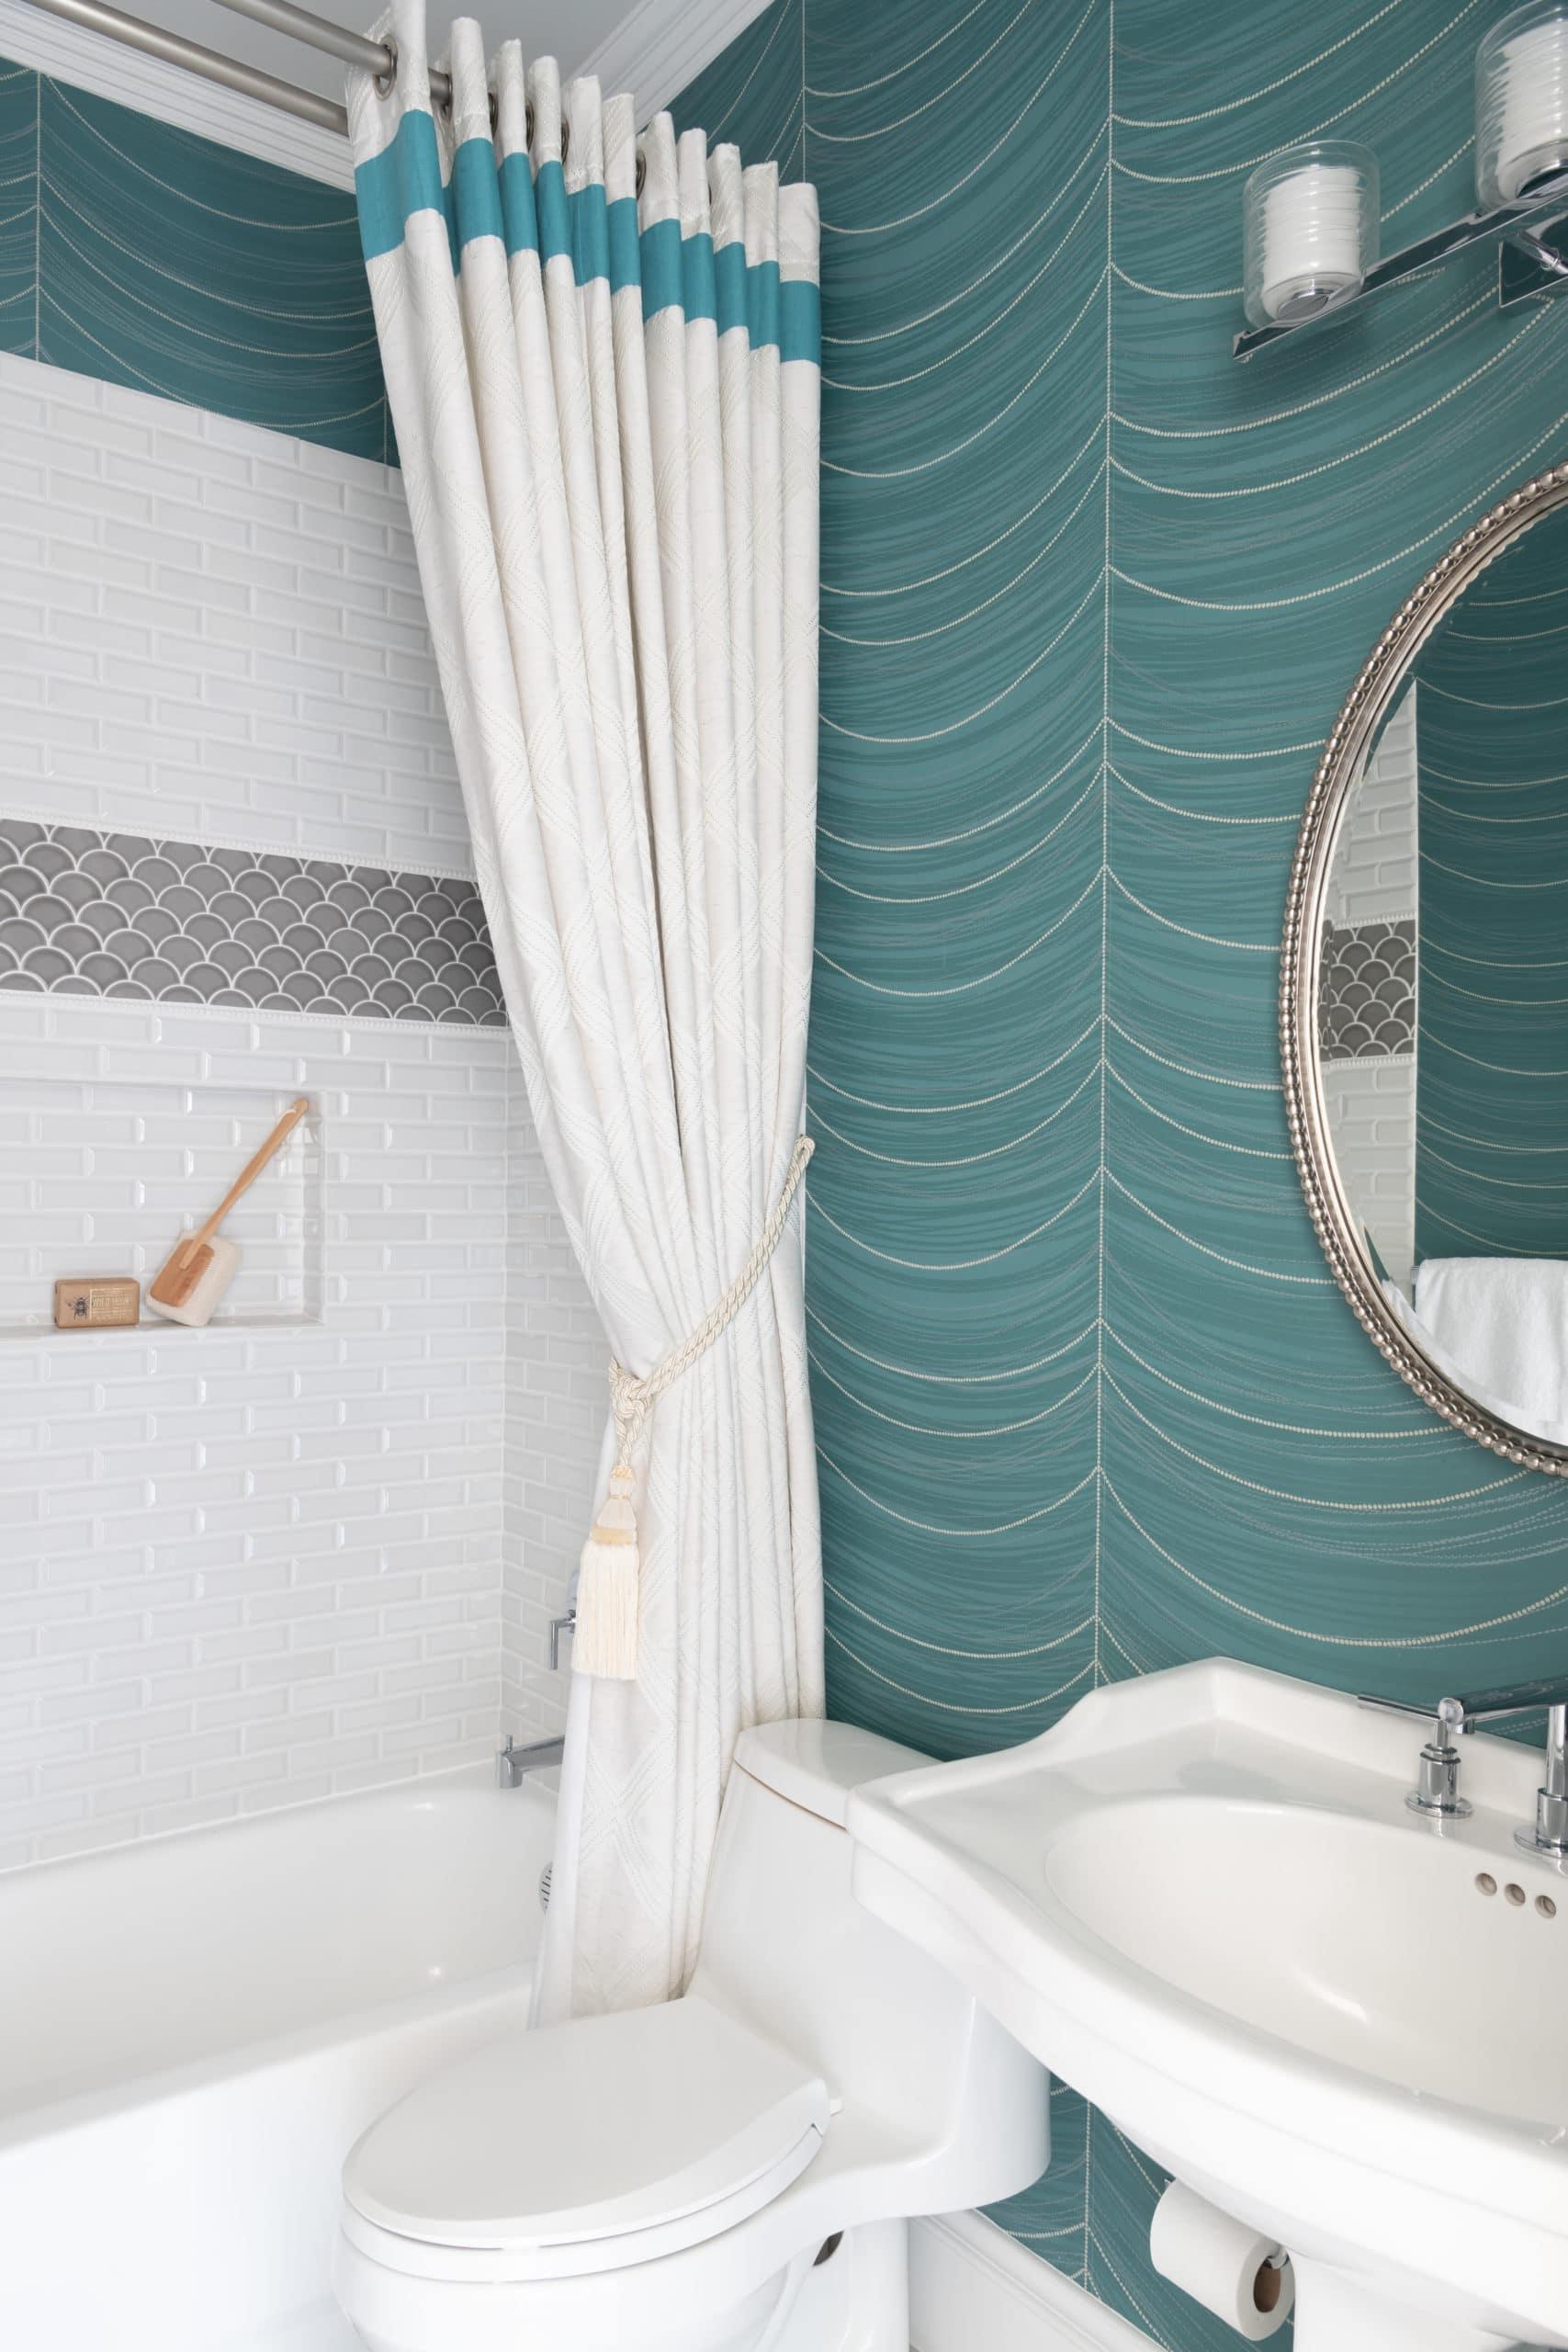 10 Best Modern Small Powder Room Ideas 2020 D Kor Home